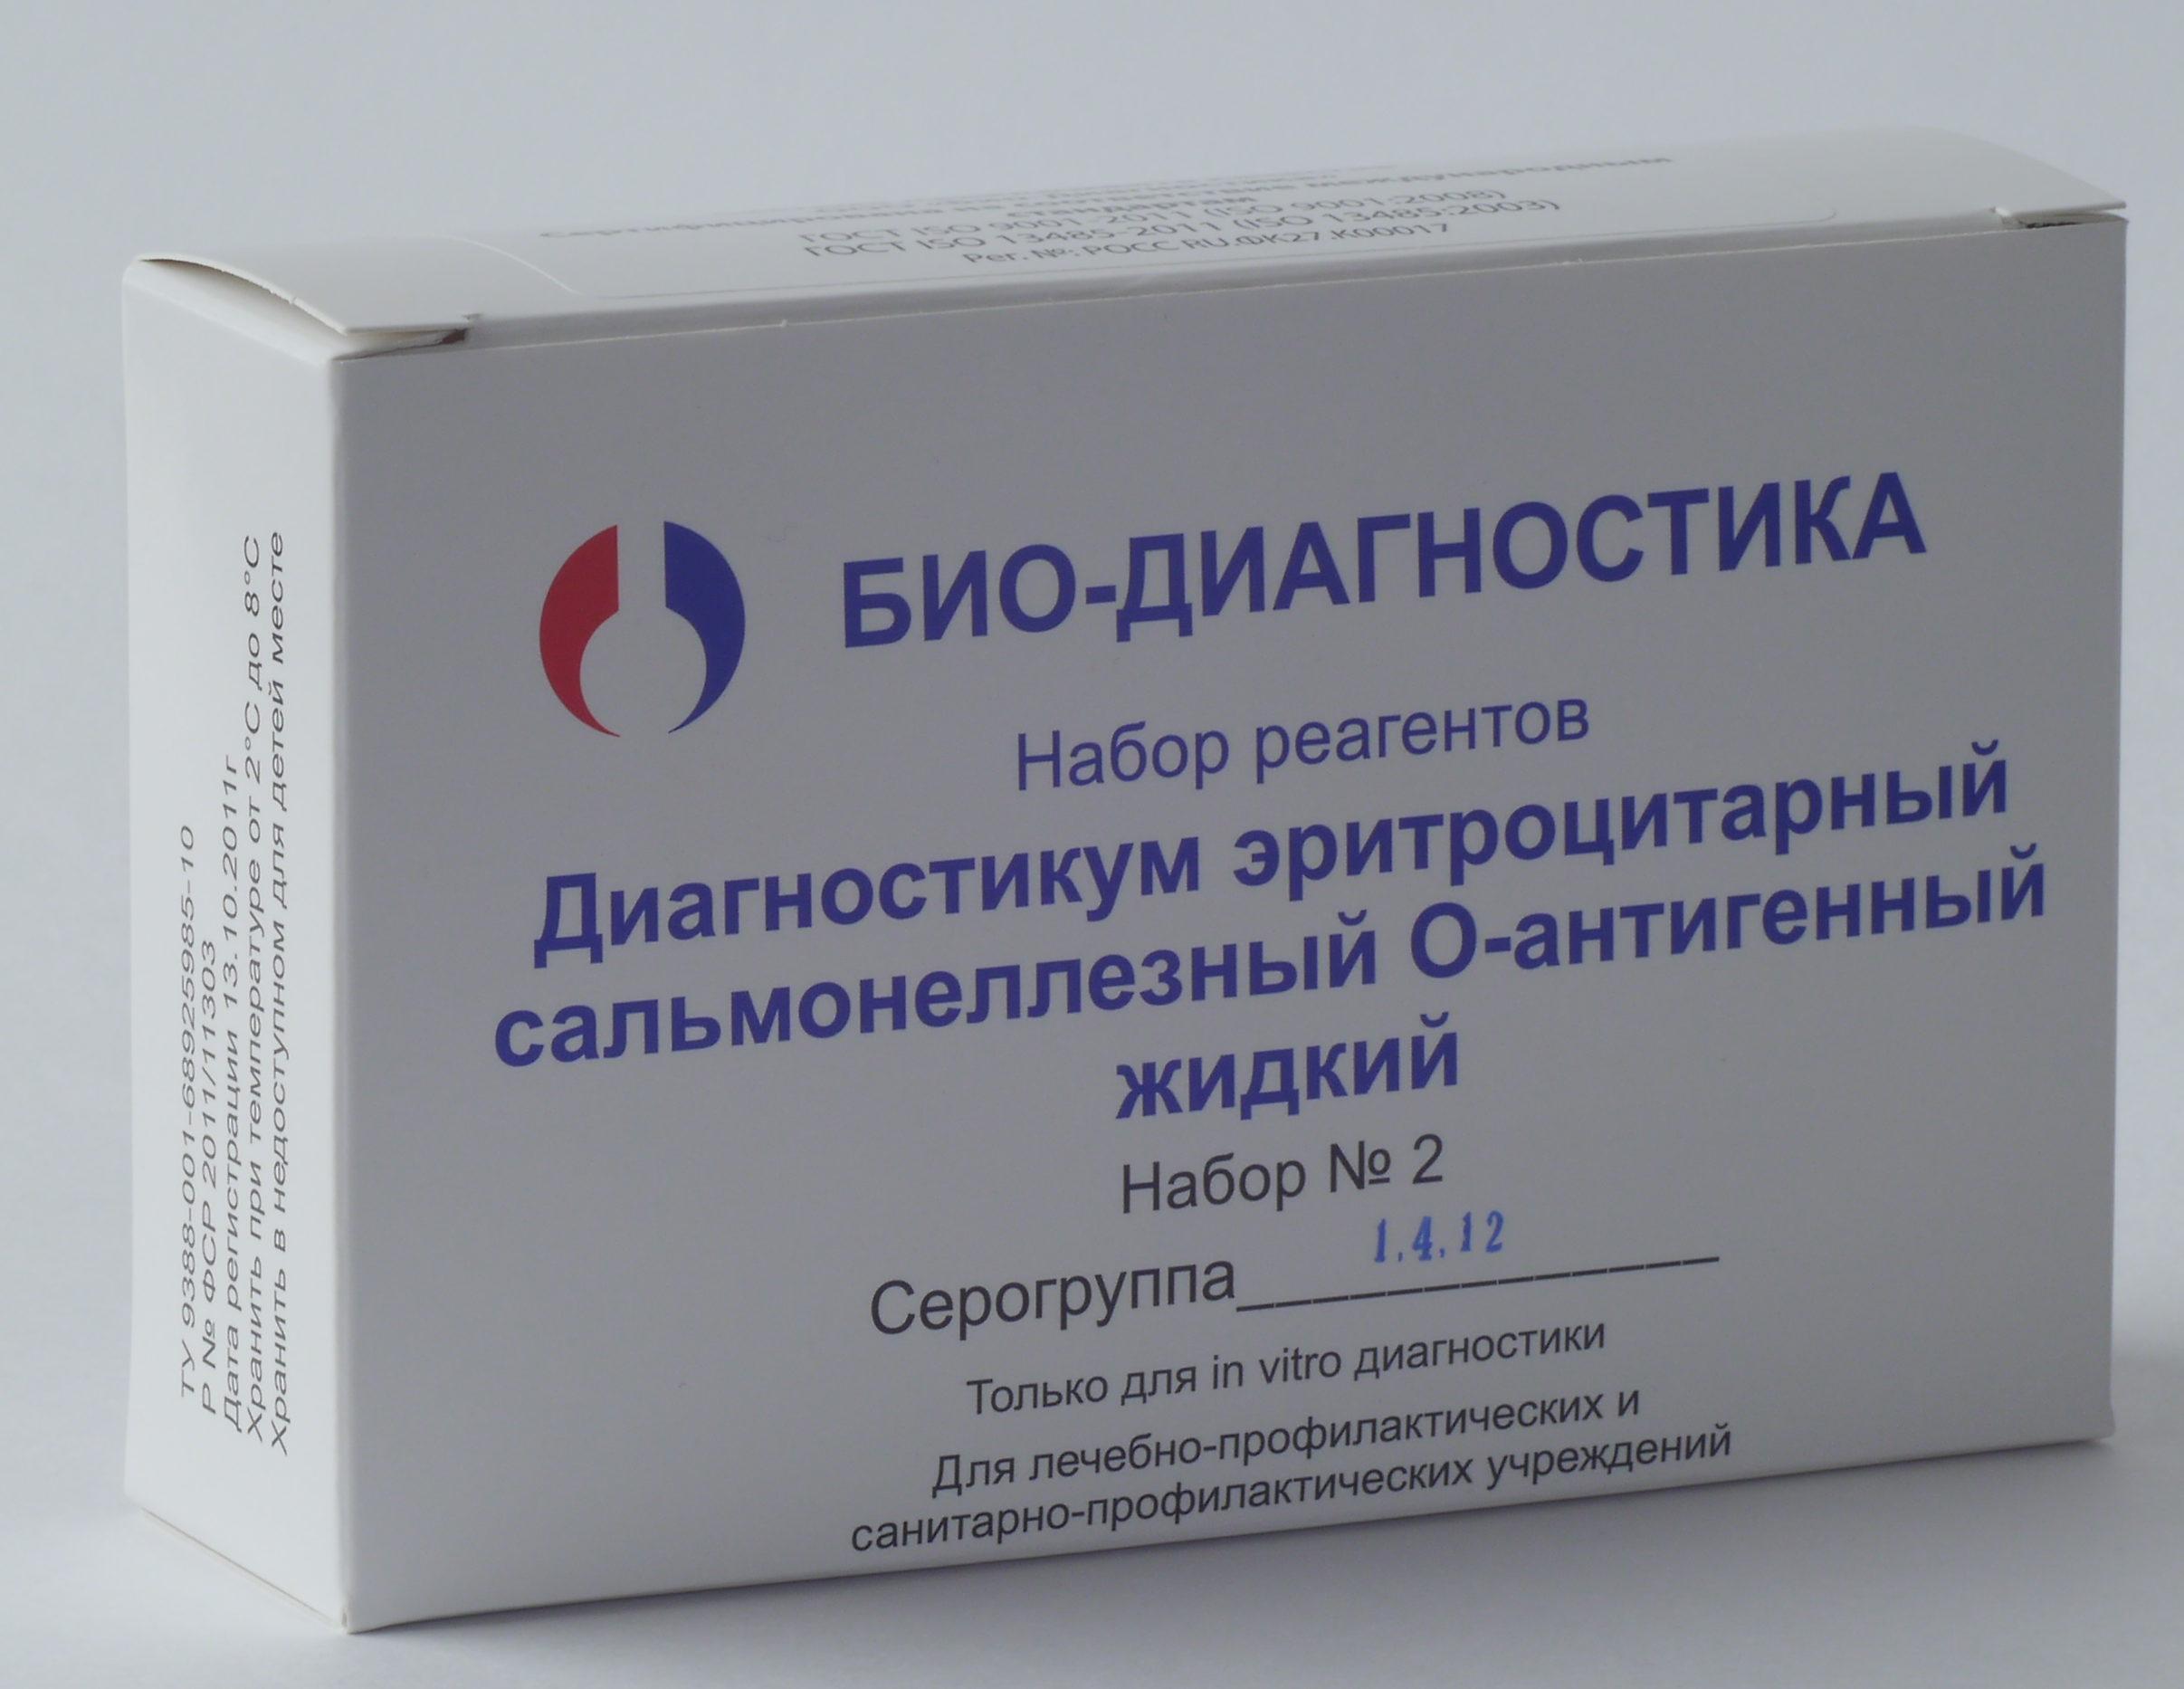 Диагностикум Сальмонеллезный О-1,4,12